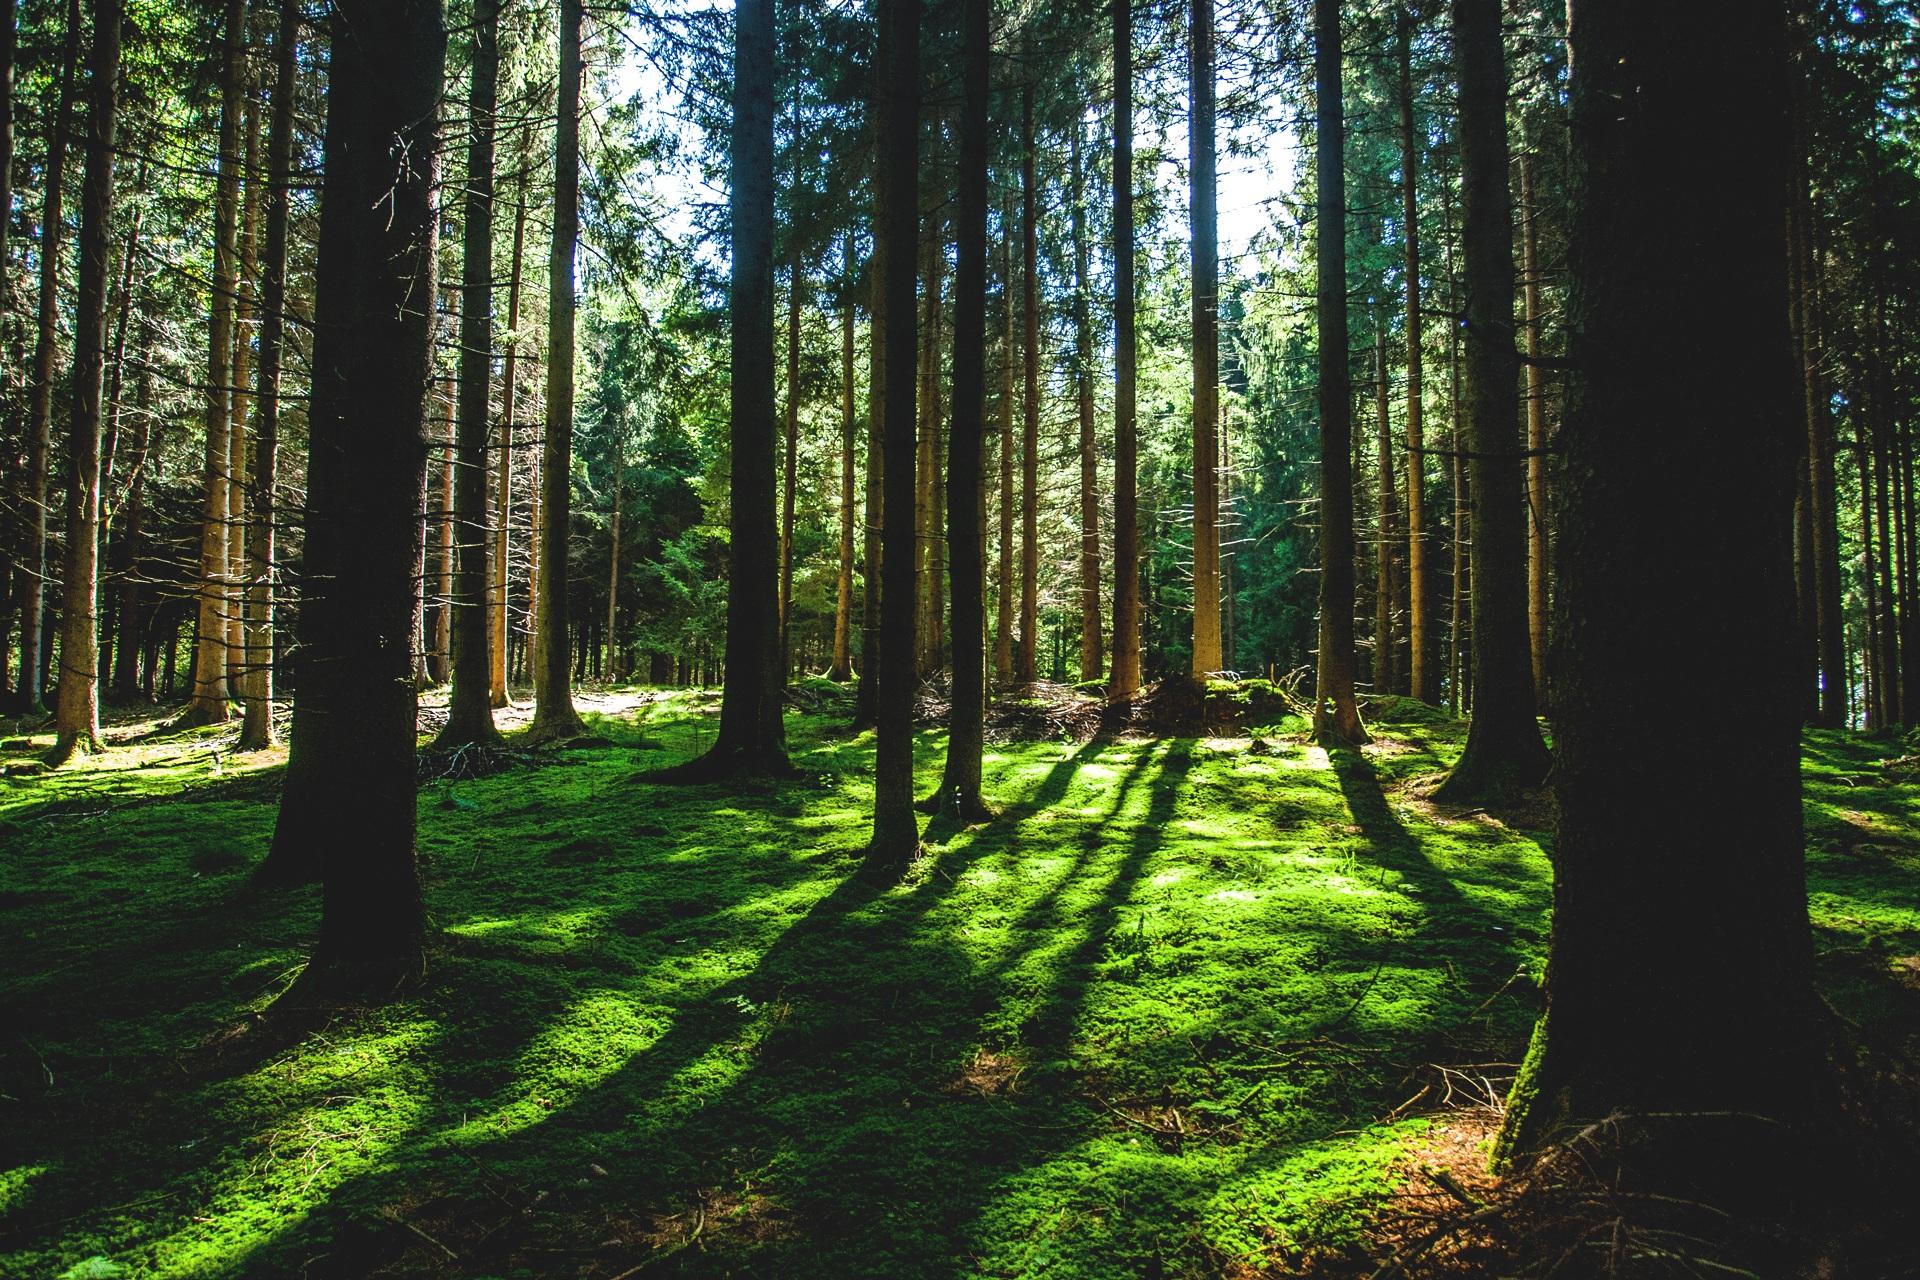 아침 숲속의 신선한 산소 같은 음악